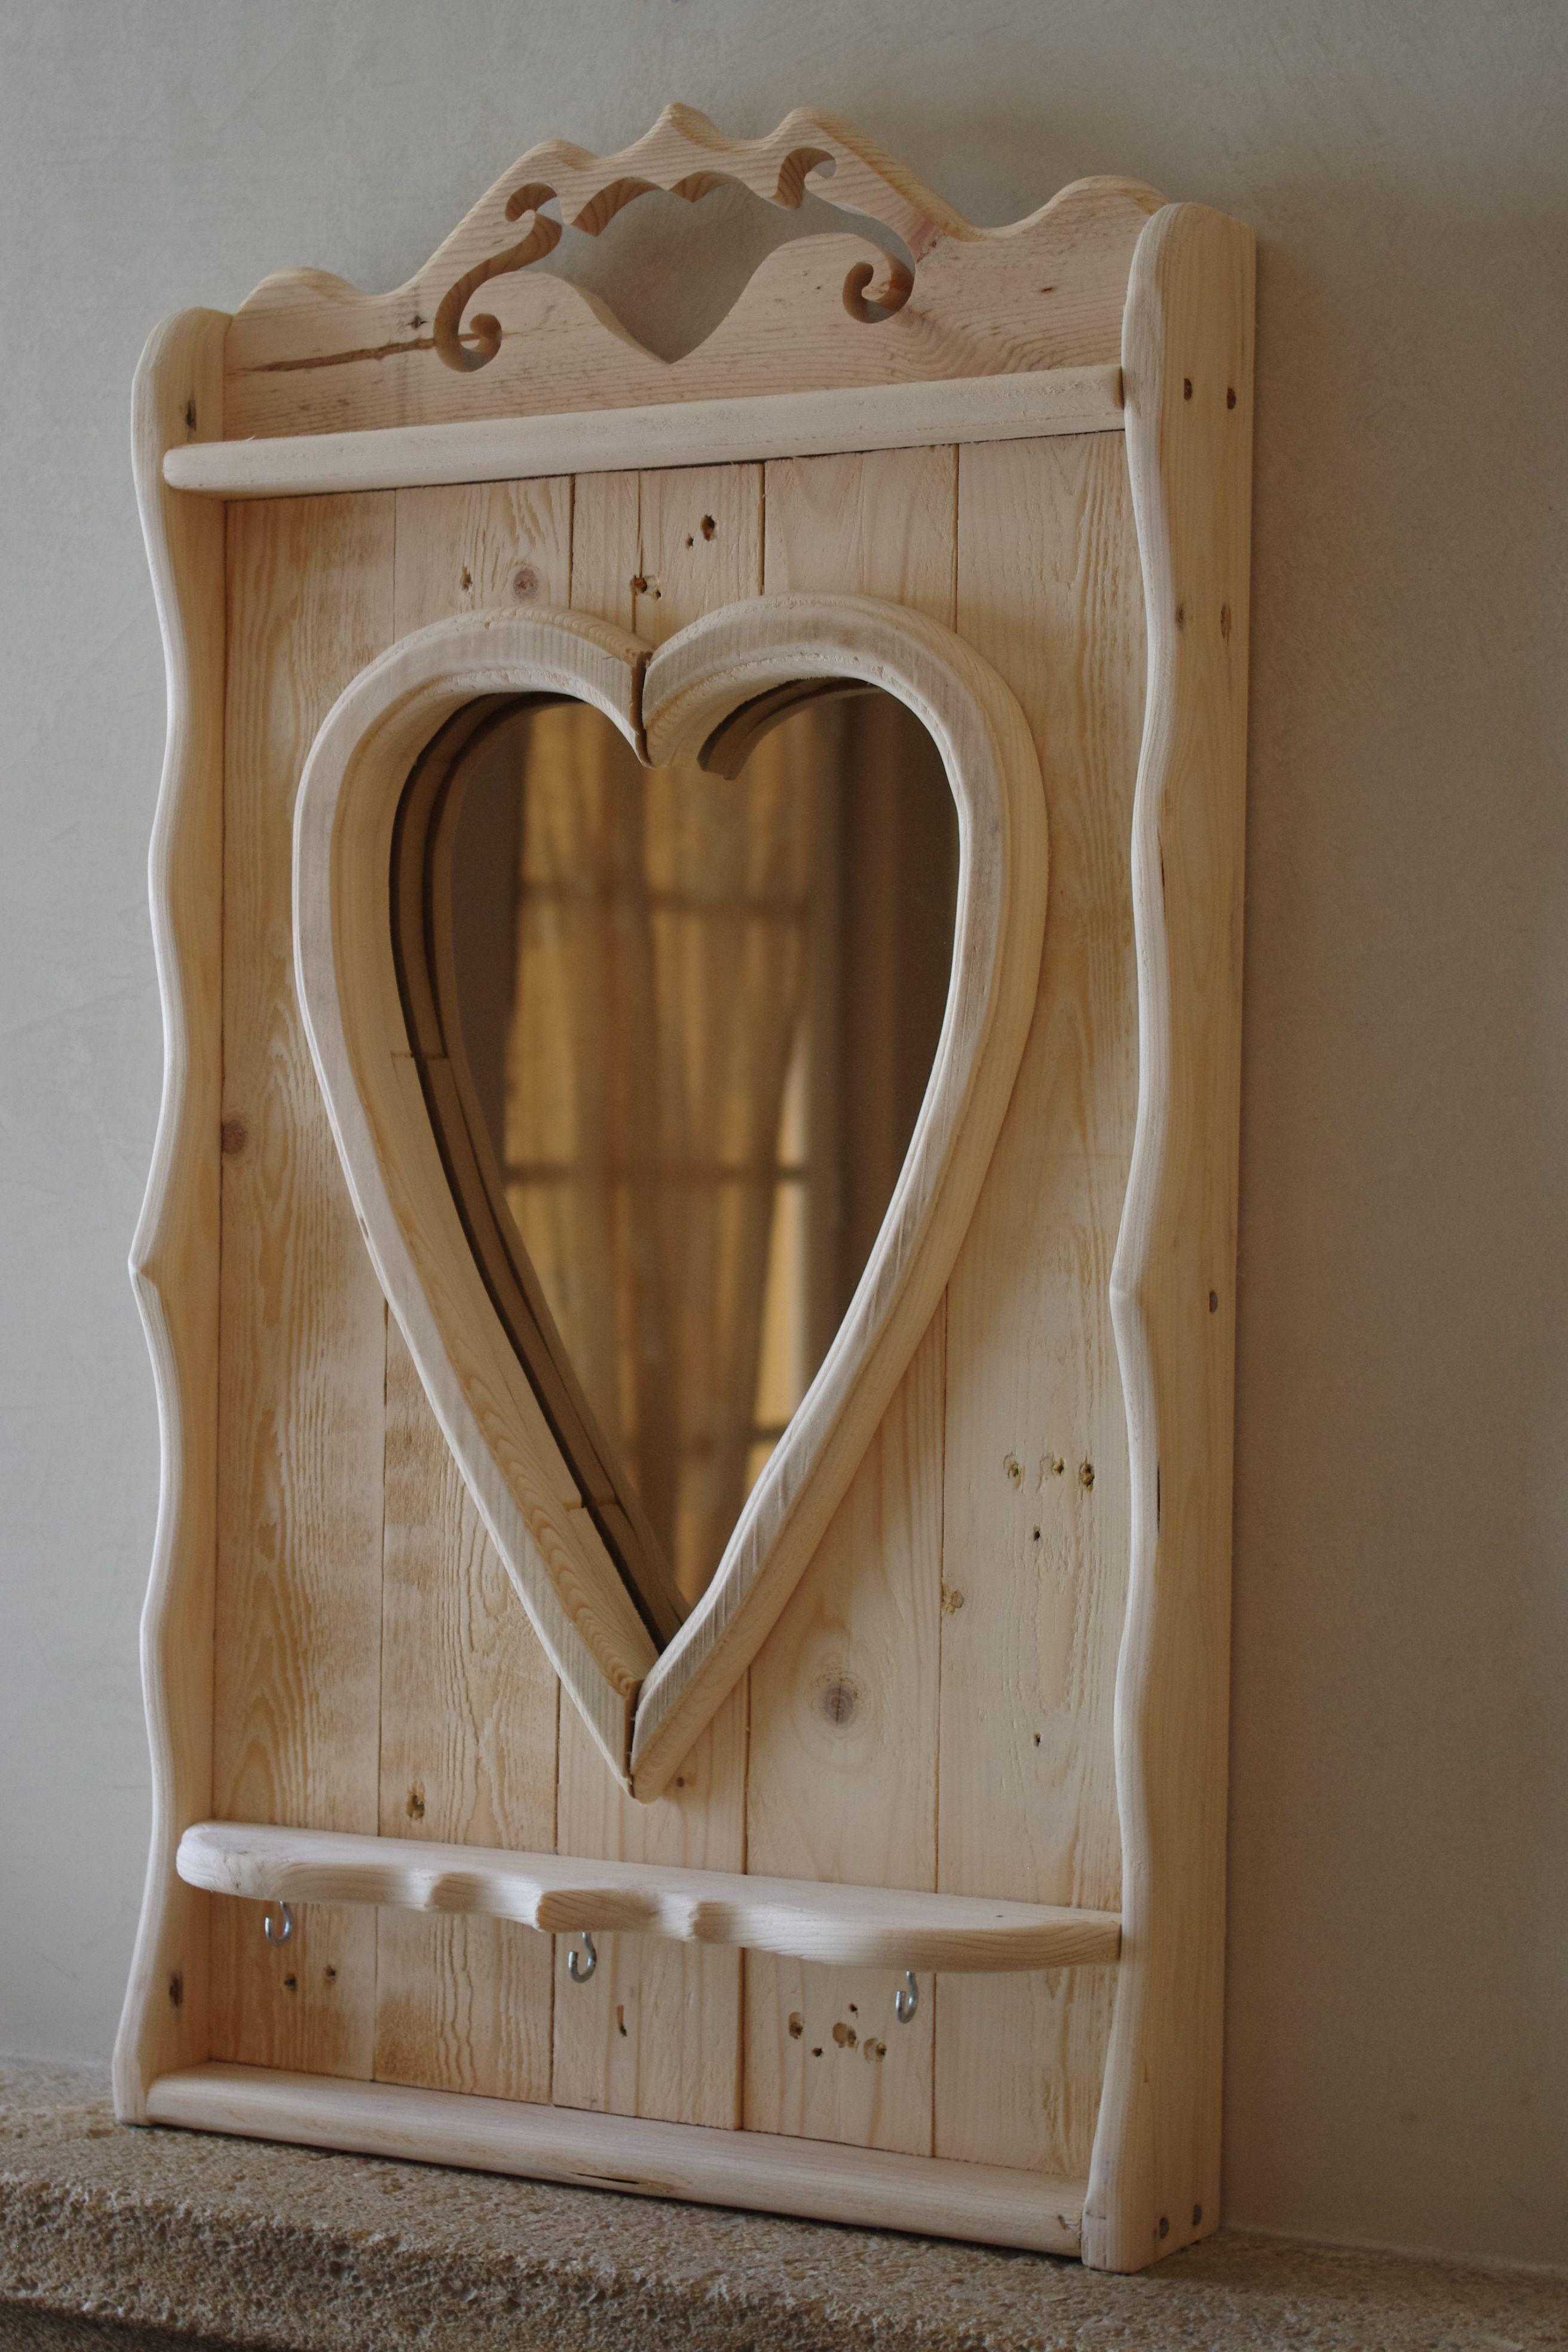 miroir porte cl s en palette d coration int rieure pinterest porte cl cl s et miroirs. Black Bedroom Furniture Sets. Home Design Ideas